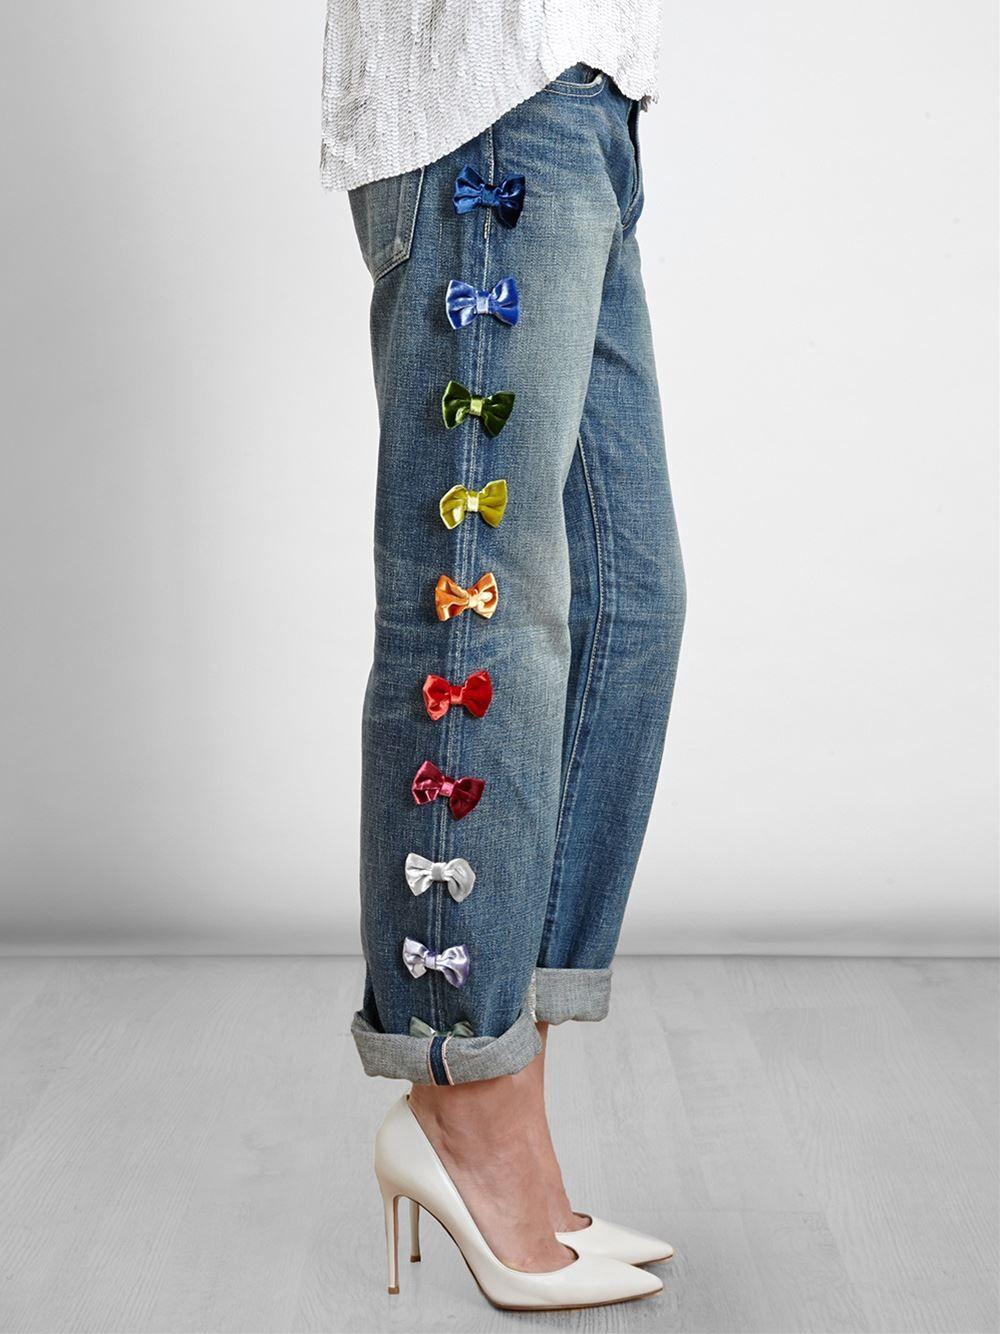 c0610f3ca02 Как украсить джинсы (122 фото)  кружевом